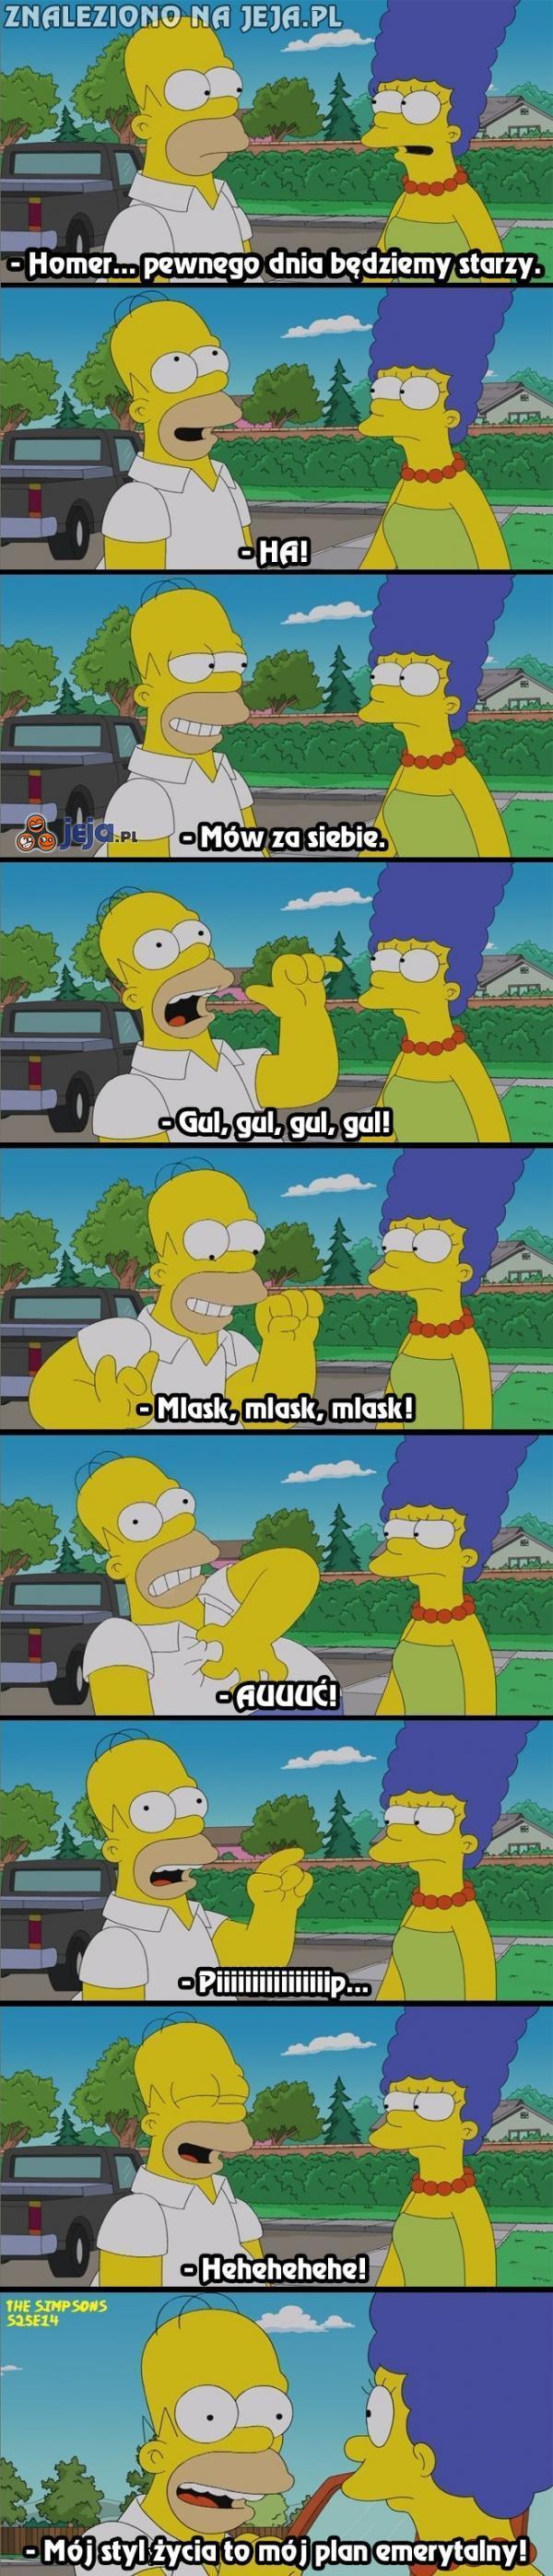 Homer wie, jak odejść z klasą!